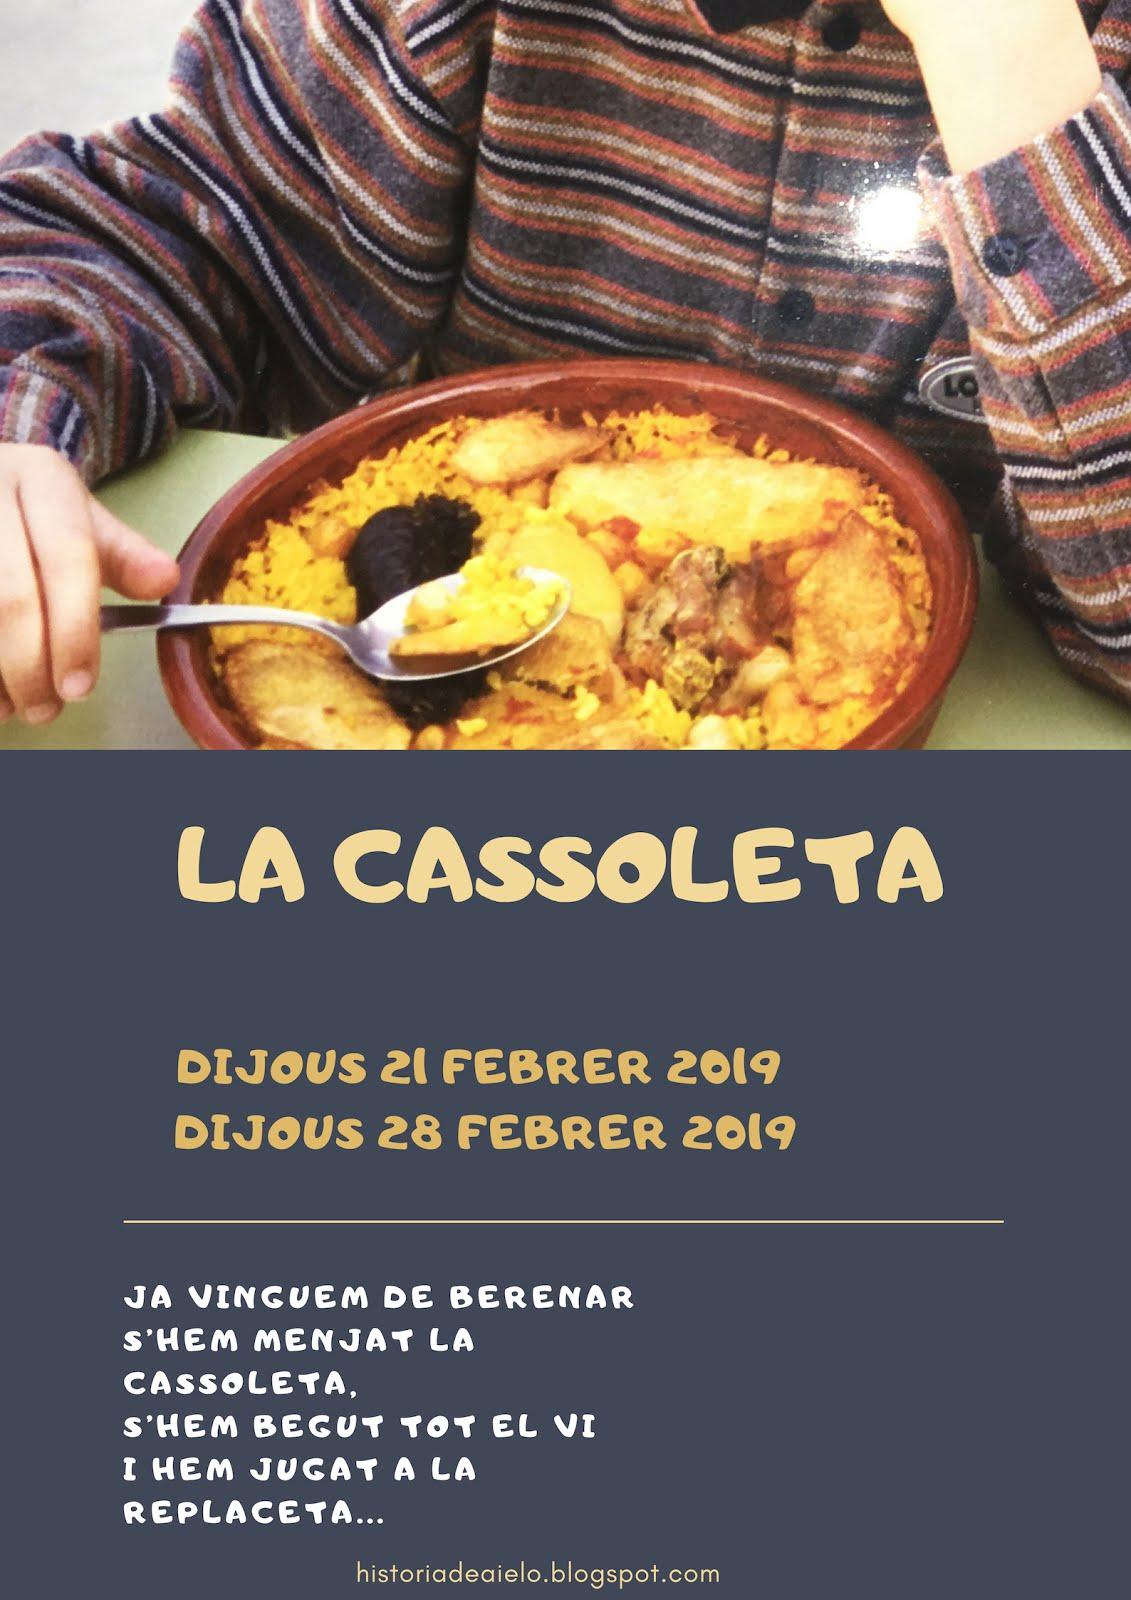 La Cassoleta 2019